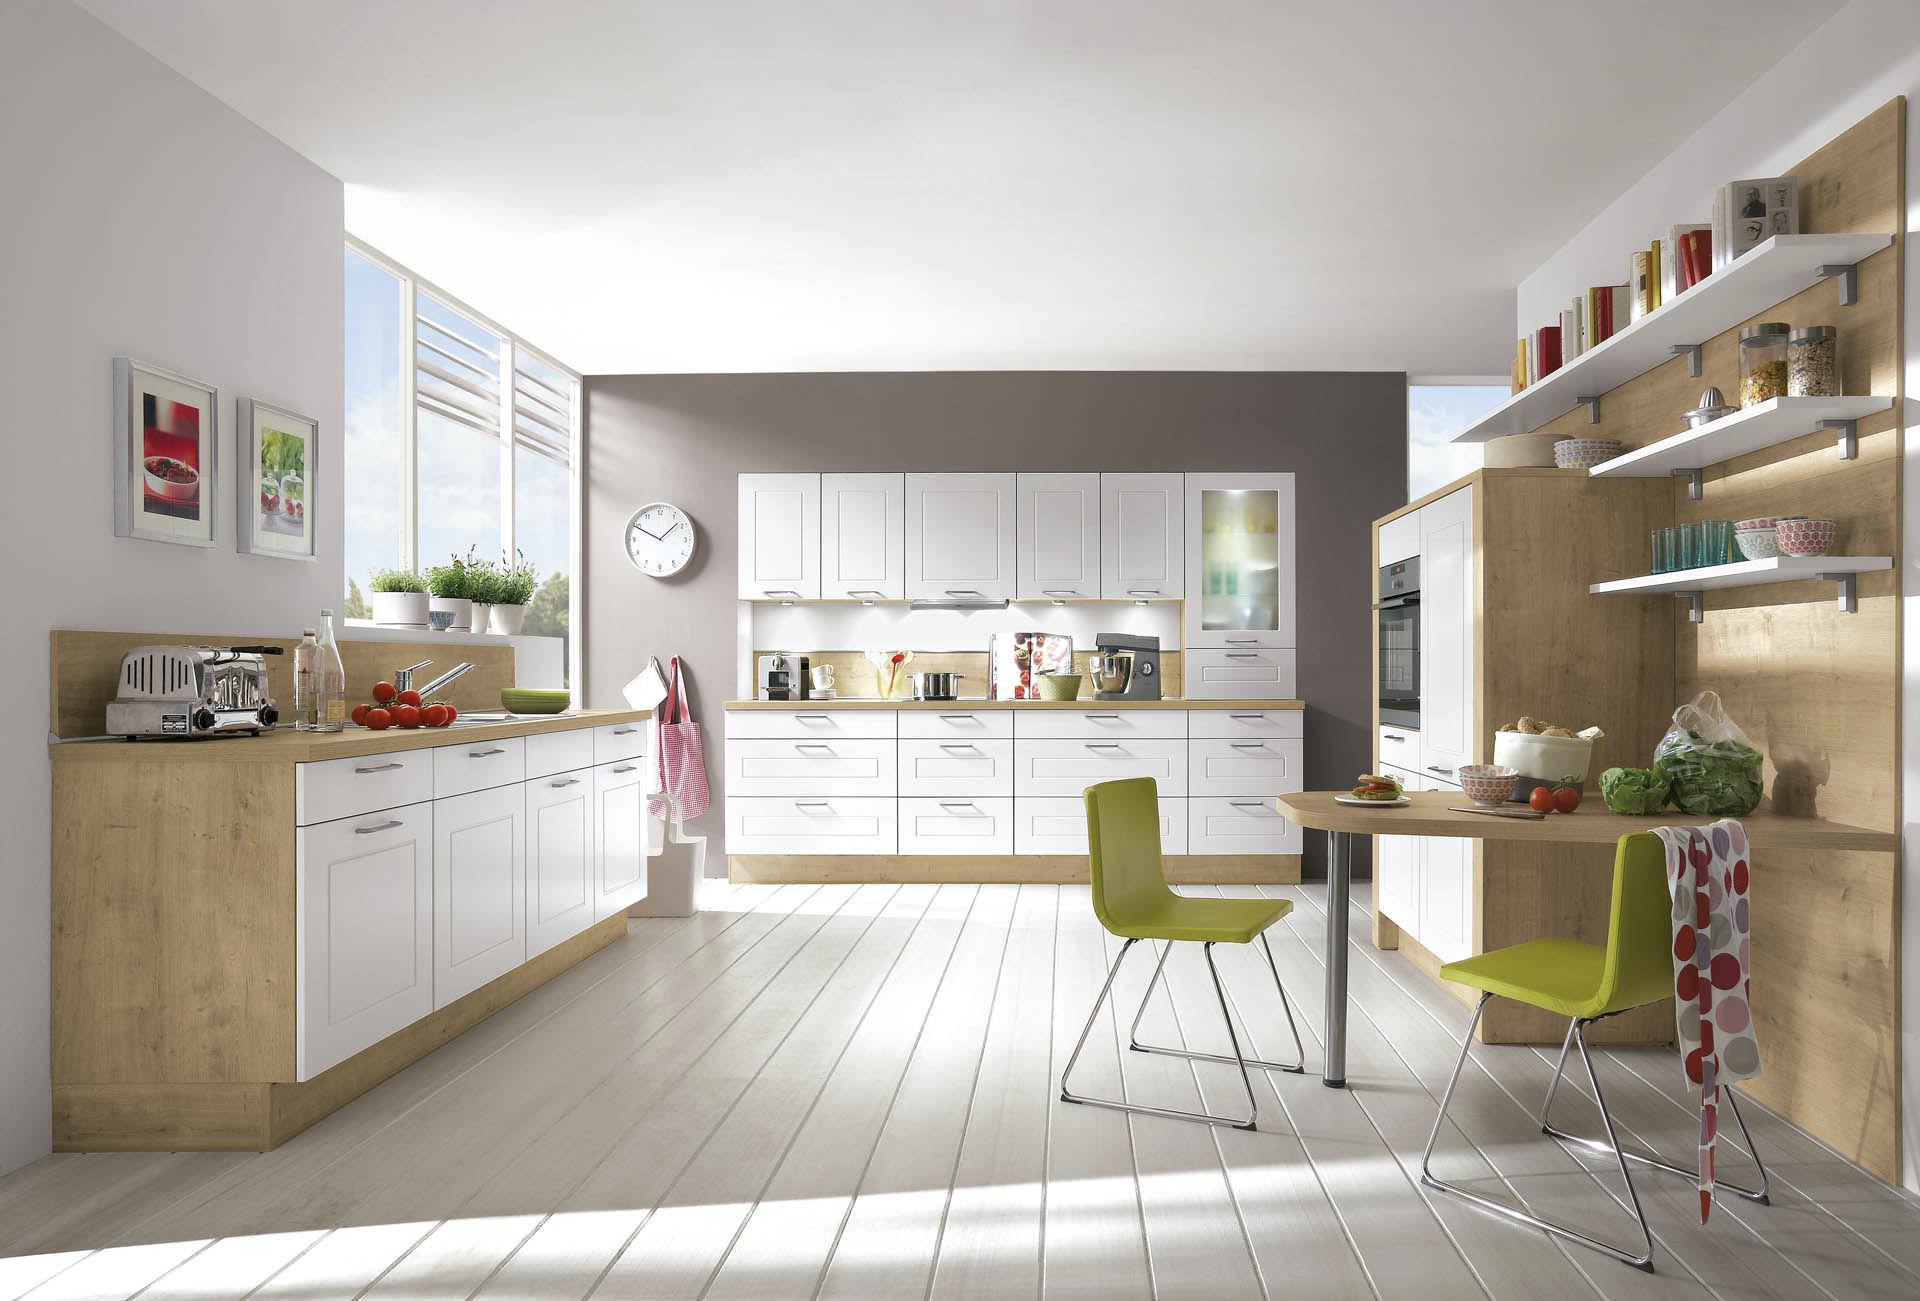 Küchenmöbel hamburg: einbauküche, küchen gebraucht kaufen in ...